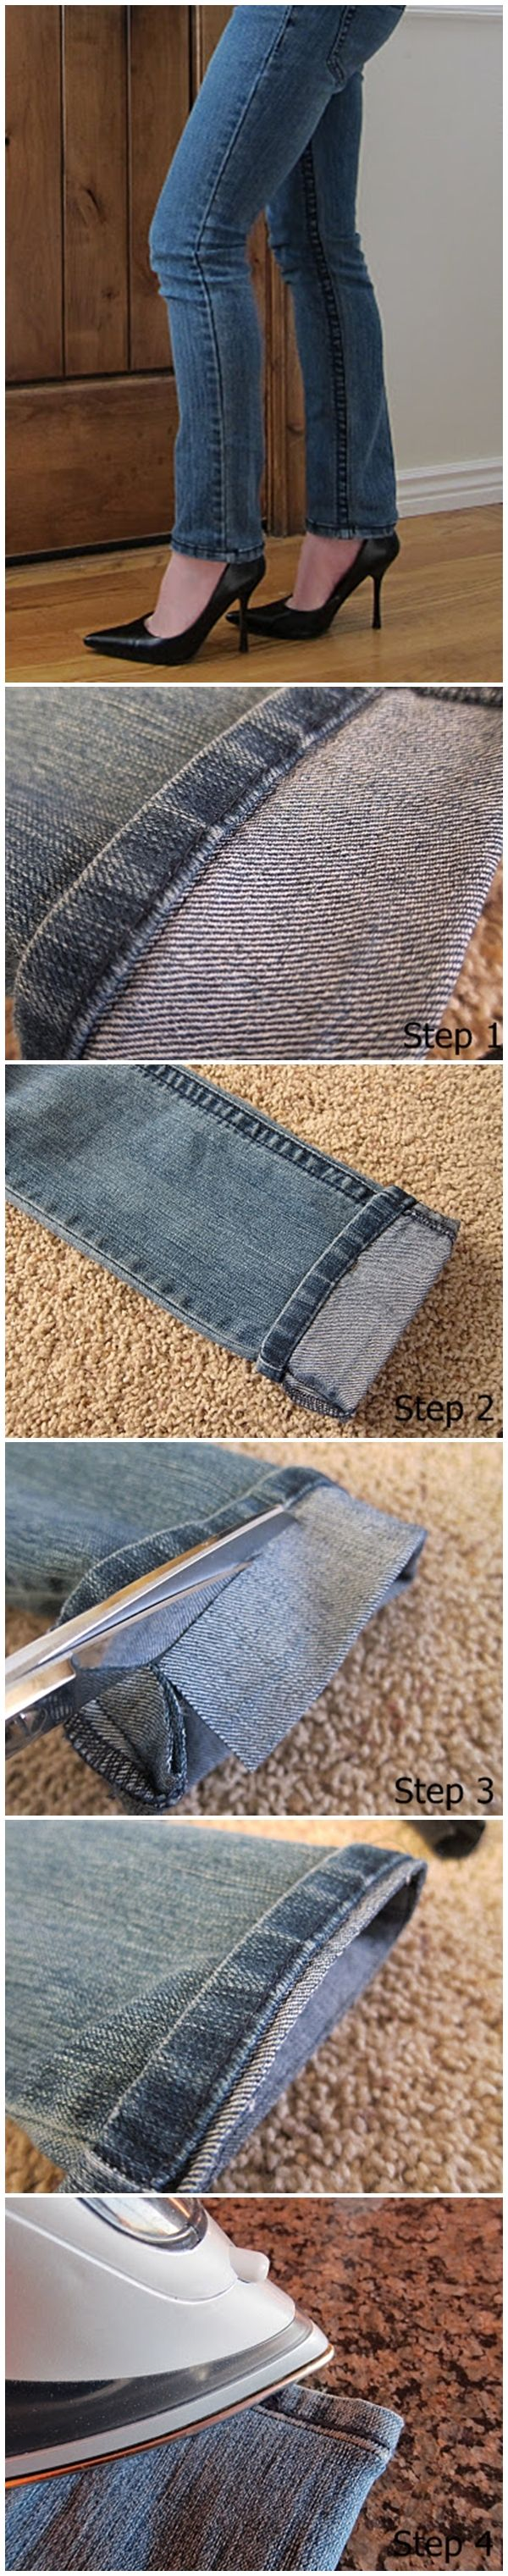 Per prima cosa, ti consigliamo di misurare la lunghezza corretta dei jeans e di piegarli verso l'esterno. Arrotolare i jeans in modo un po ' sopra la lunghezza desiderata . Fase 2 : cucire lungo la cucitura del bordo originale. A macchina da cucire questo sarà semplice e veloce , ma va bene anche con ago e un filo. Fase 3 : Tagliare il tessuto in eccesso, lasciando forse 1 cm dalla vostra cucitura Fase 4. ferro da stiro e il gioco è fatto !